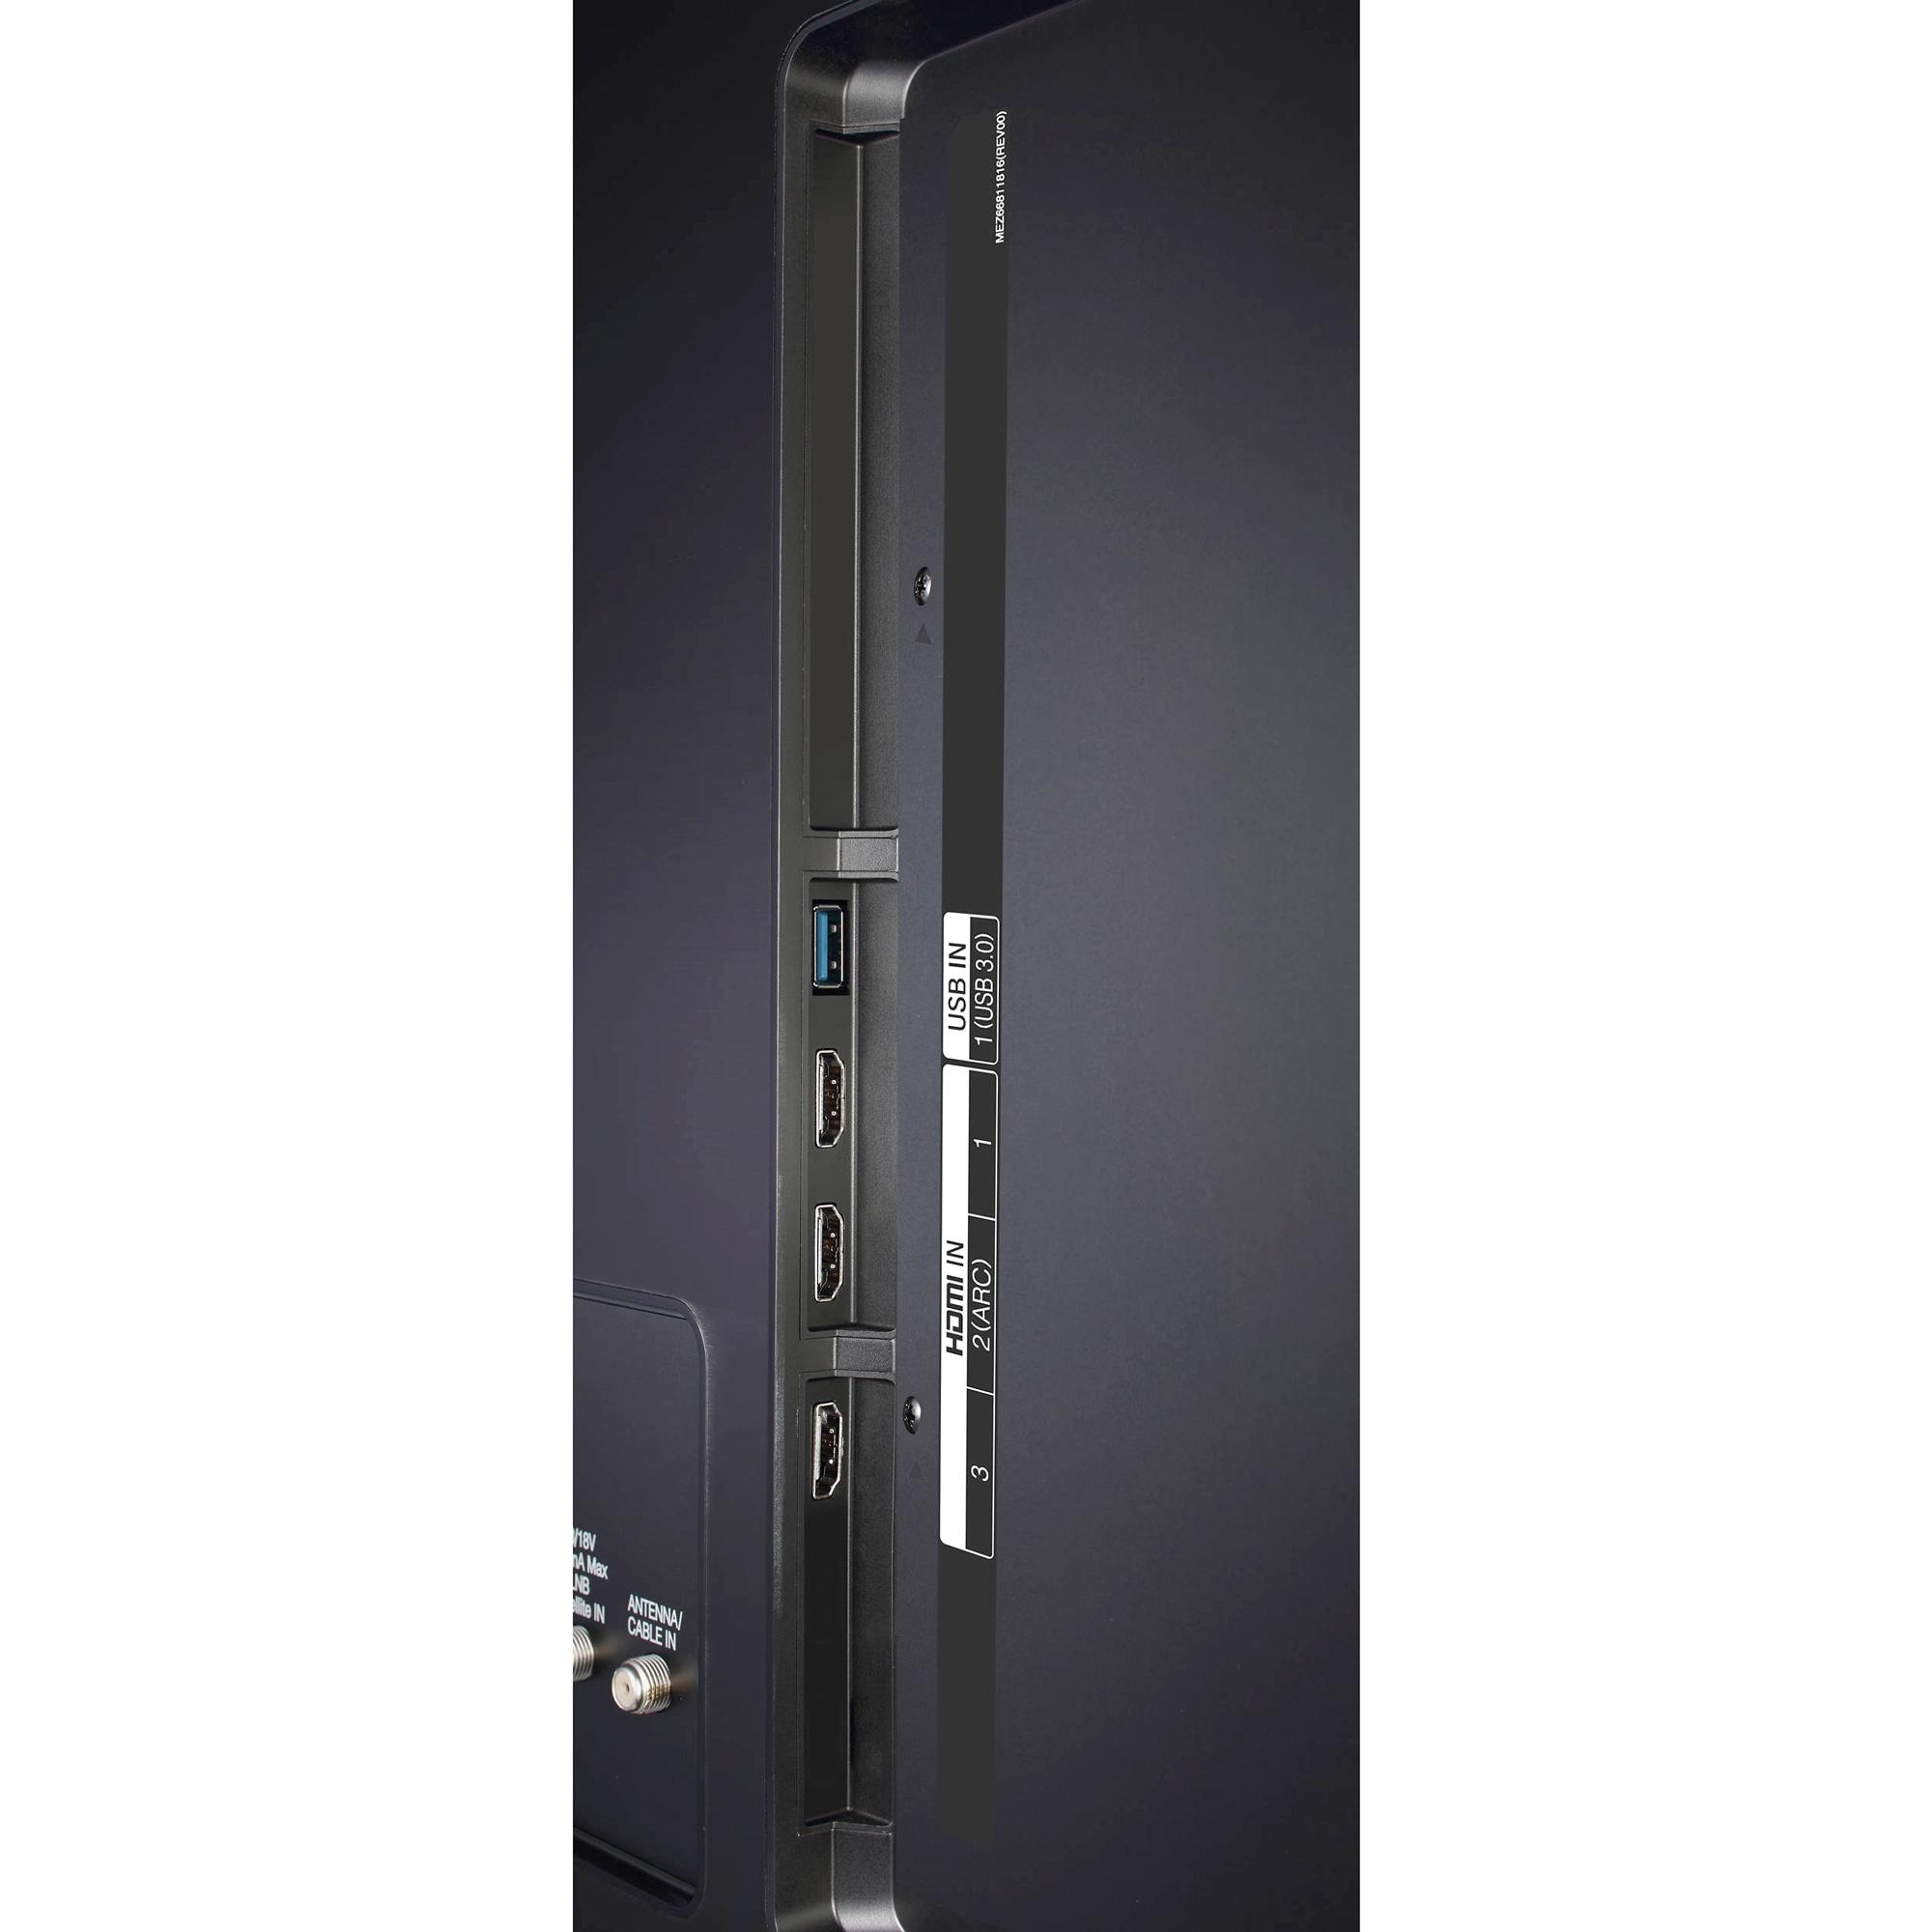 lg 86sj9570 86 inch uhd 4k led tv. Black Bedroom Furniture Sets. Home Design Ideas